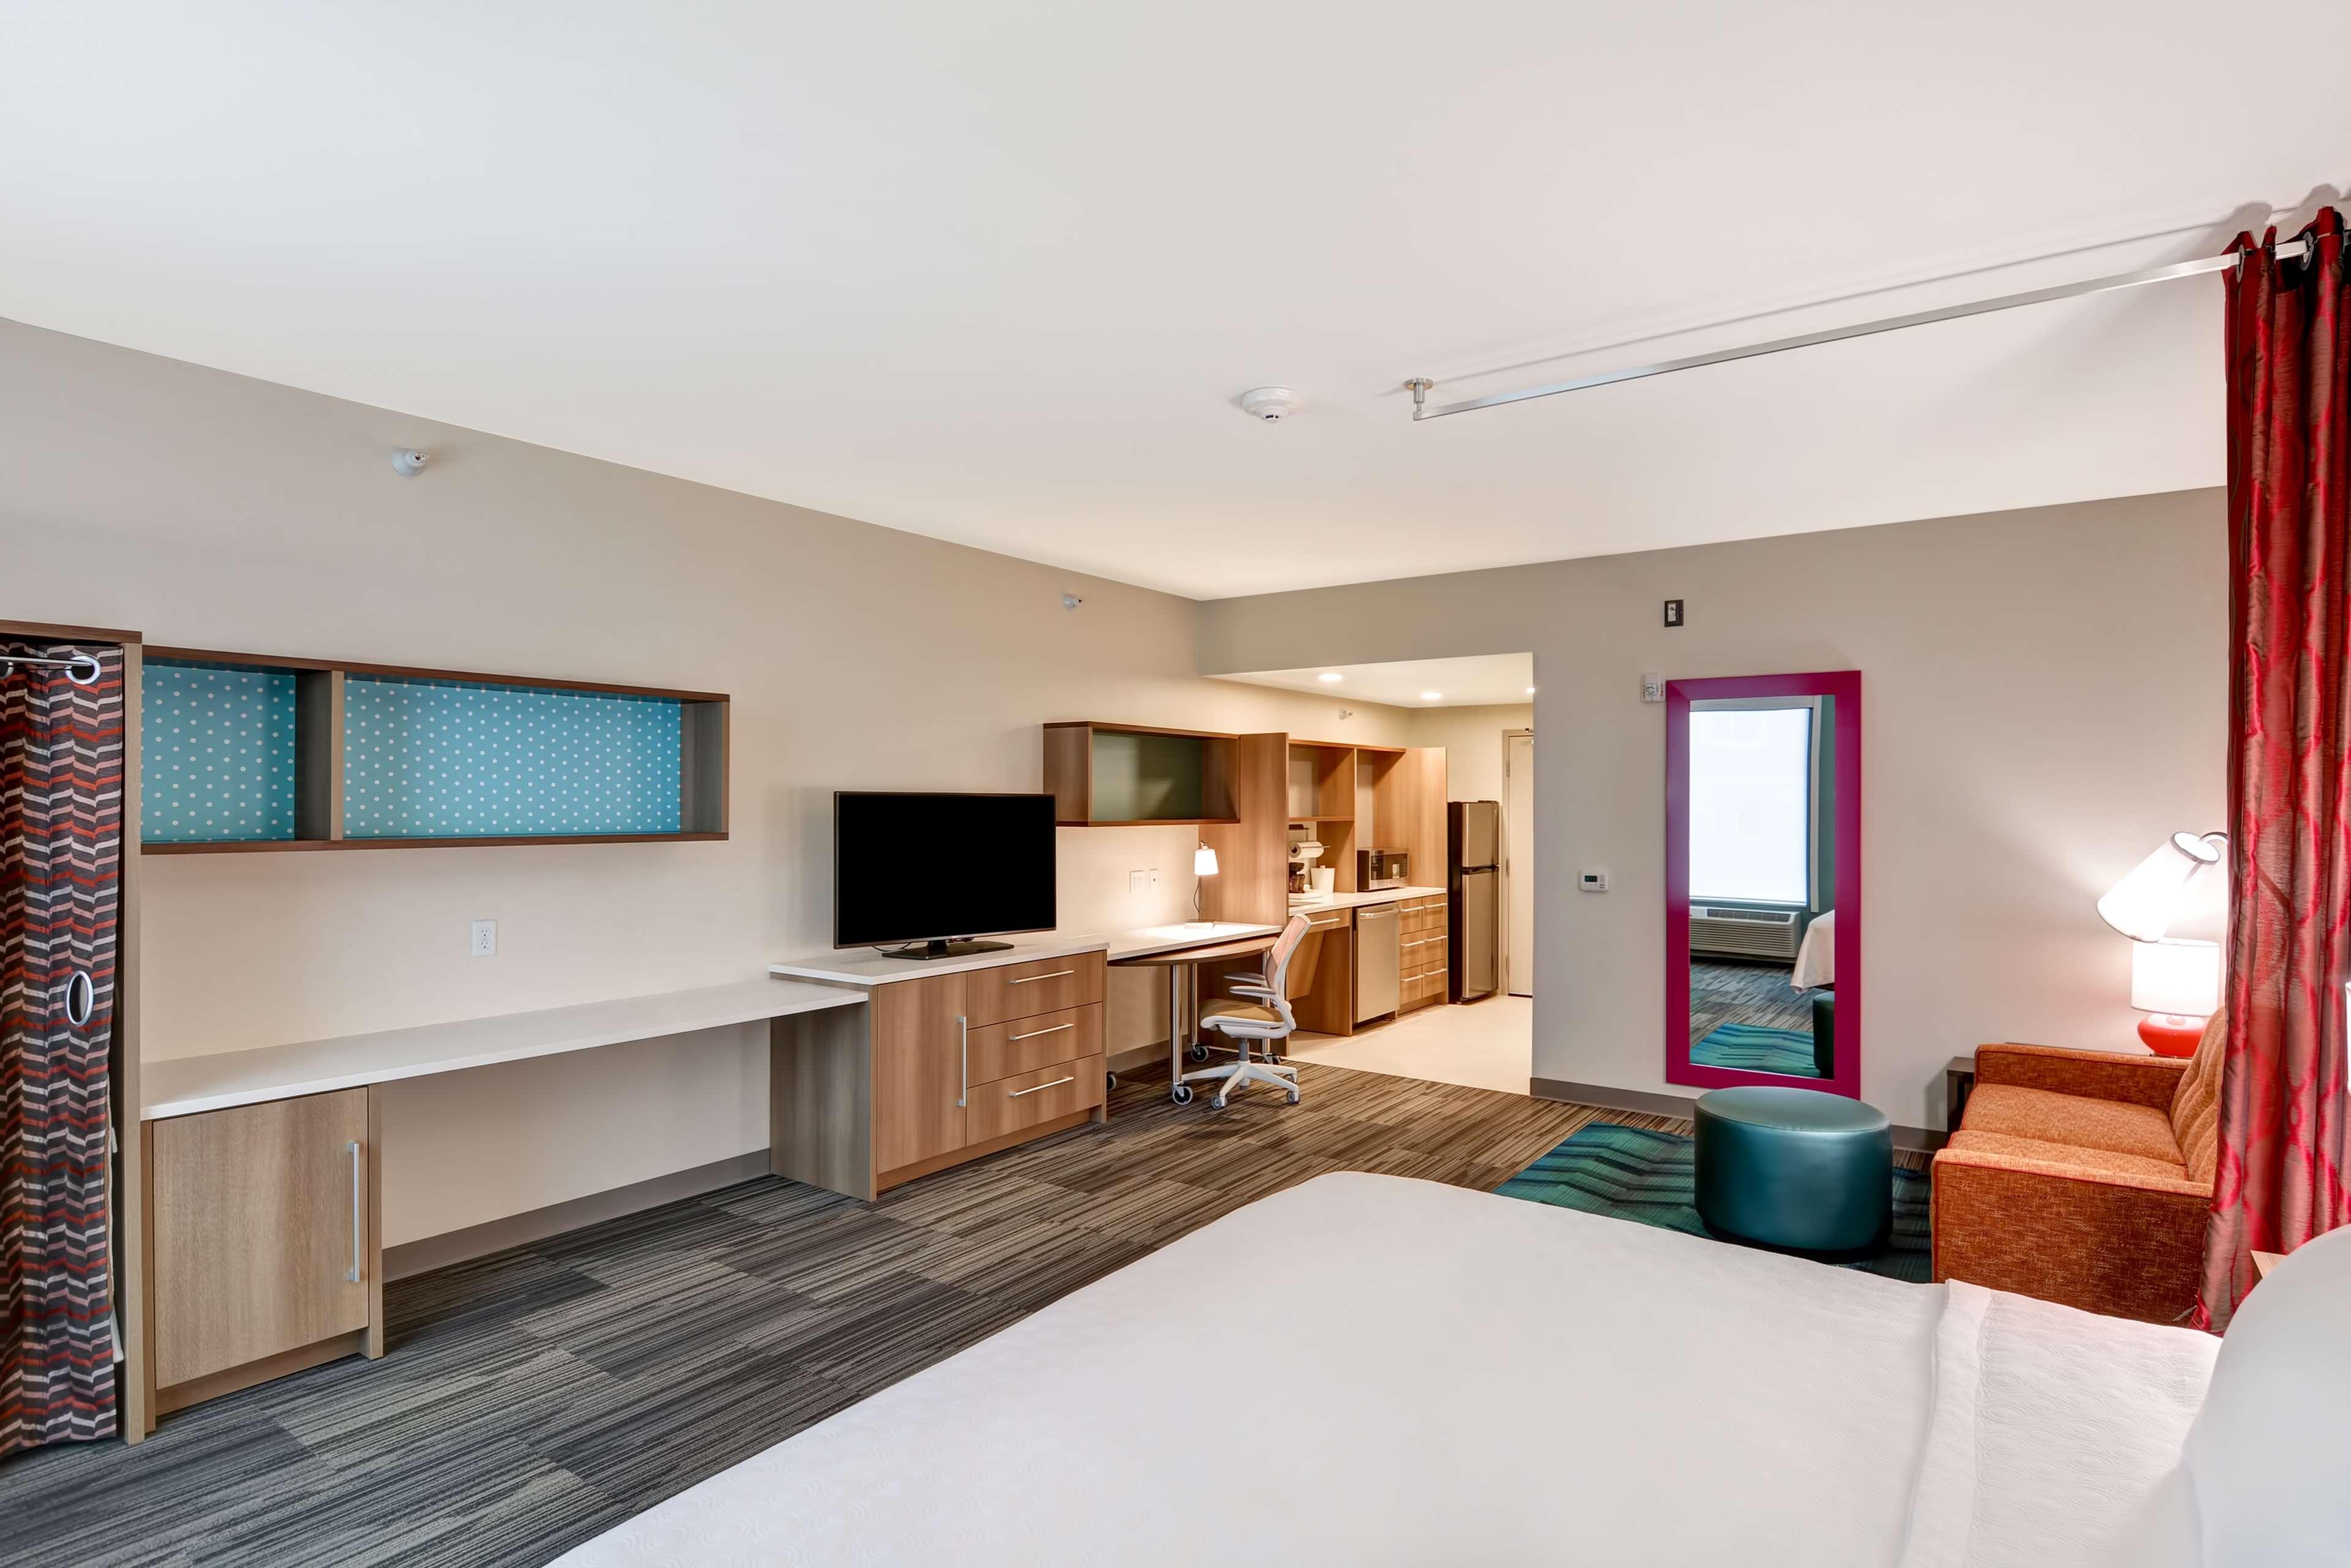 Home2 Suites by Hilton Lafayette image 33